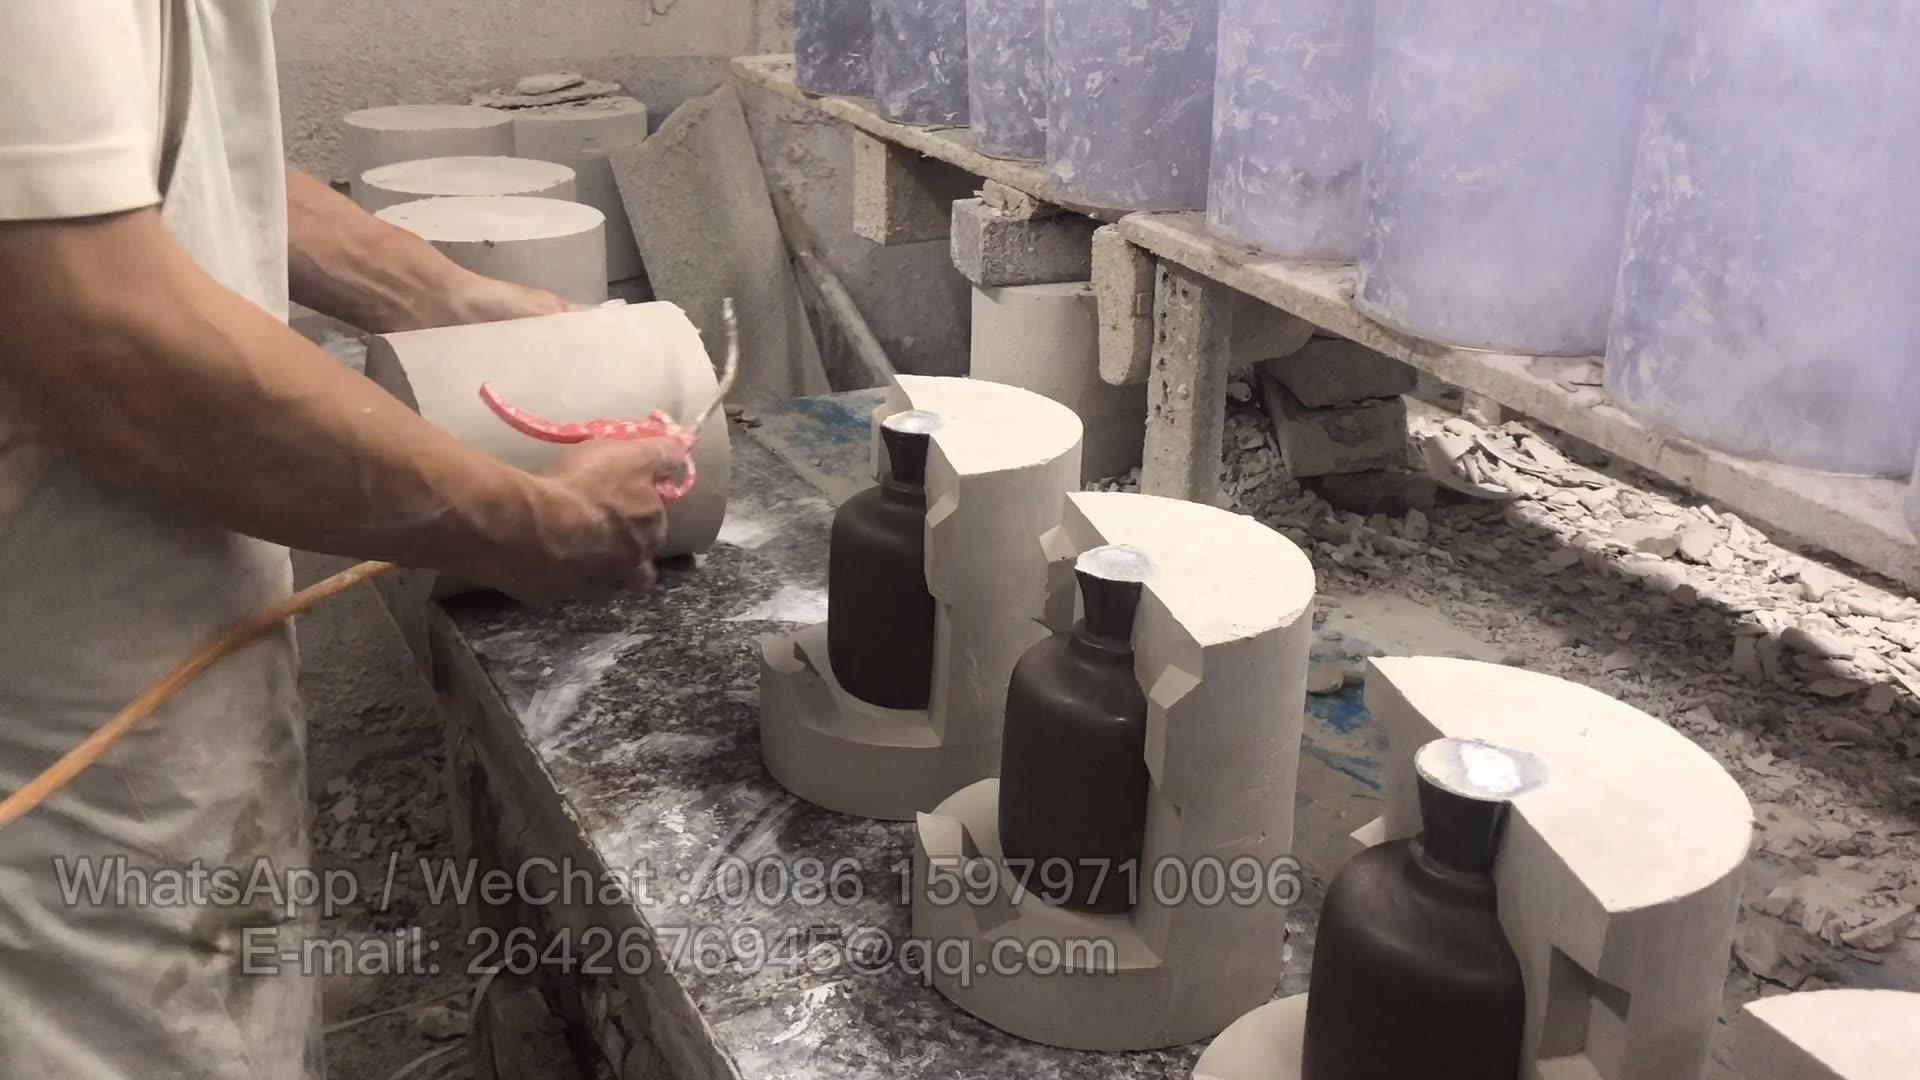 Прямые оптовые поставки из китайской фабрики Керамическая бутылка ваза цветной глазурью керамический декоративный набор бутылок для fambe глазурью керамический арома-диффузор